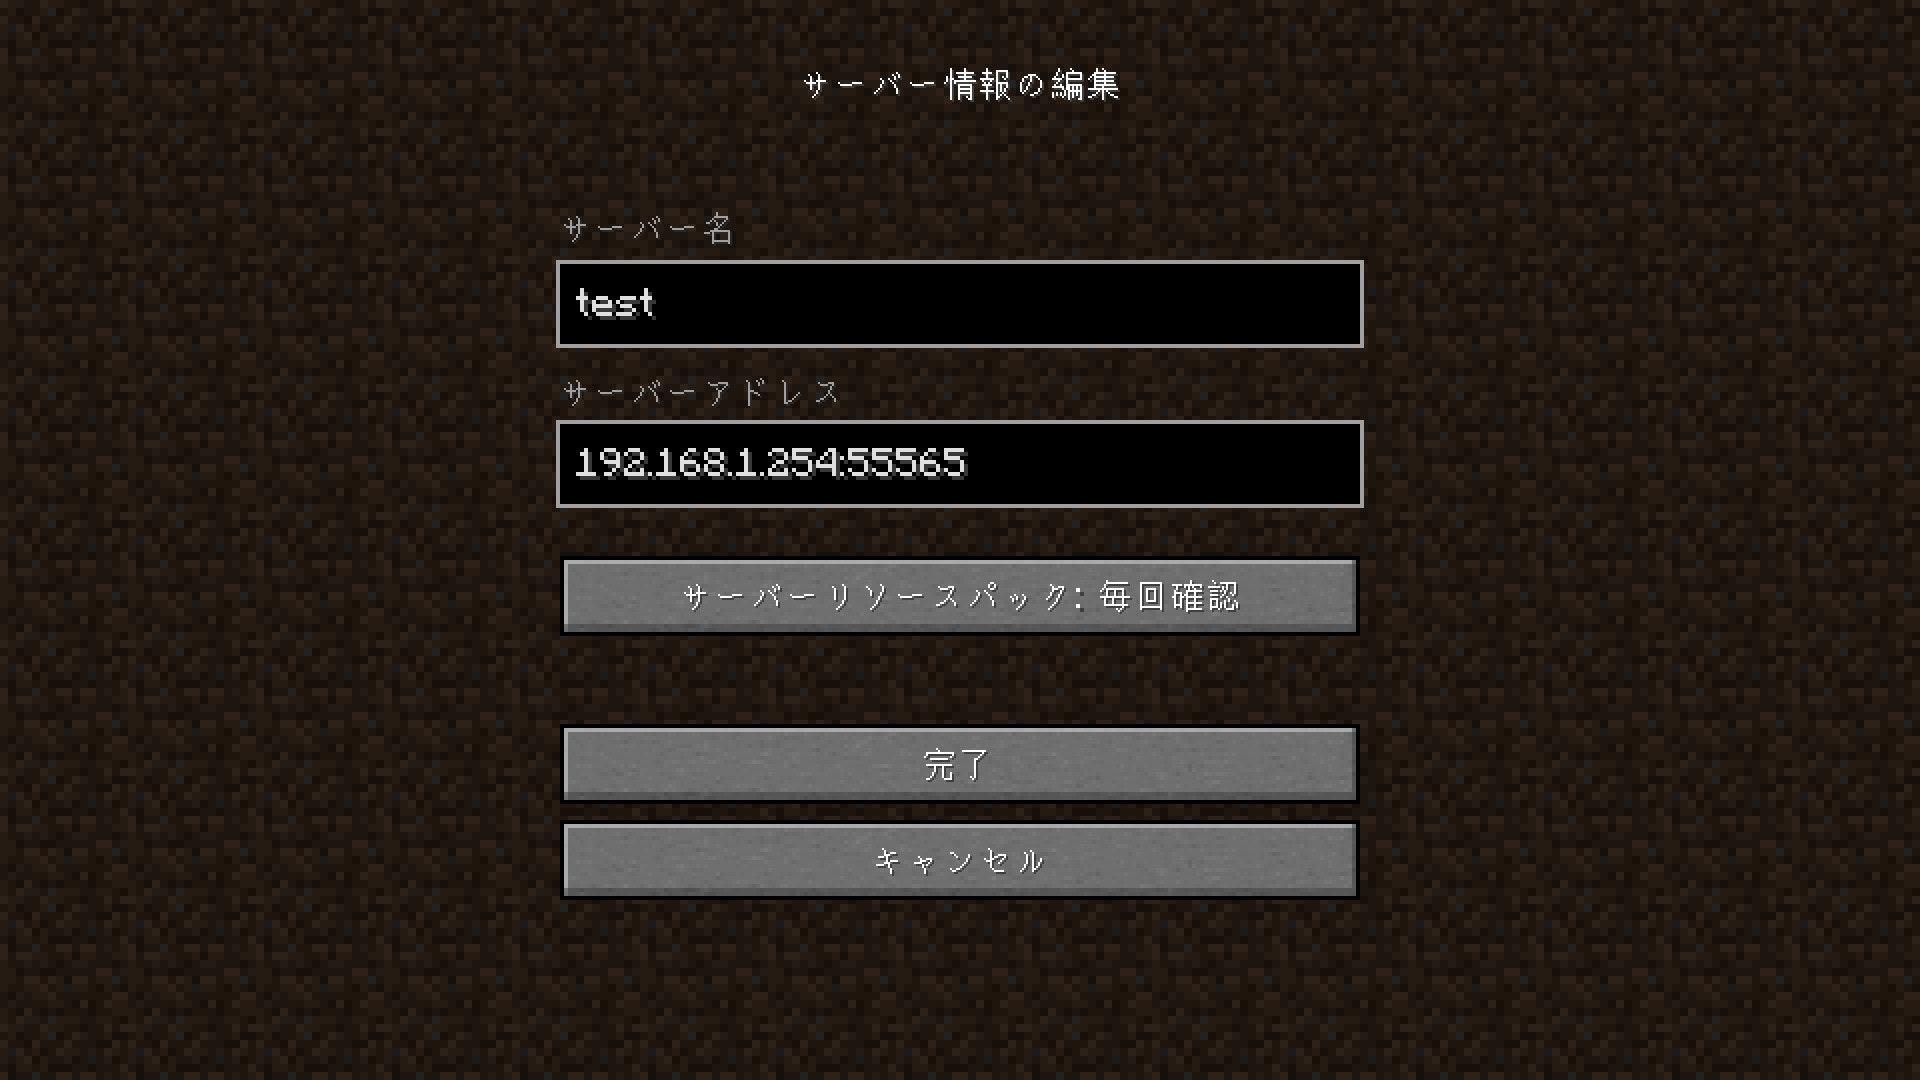 20200110153123_1.jpg